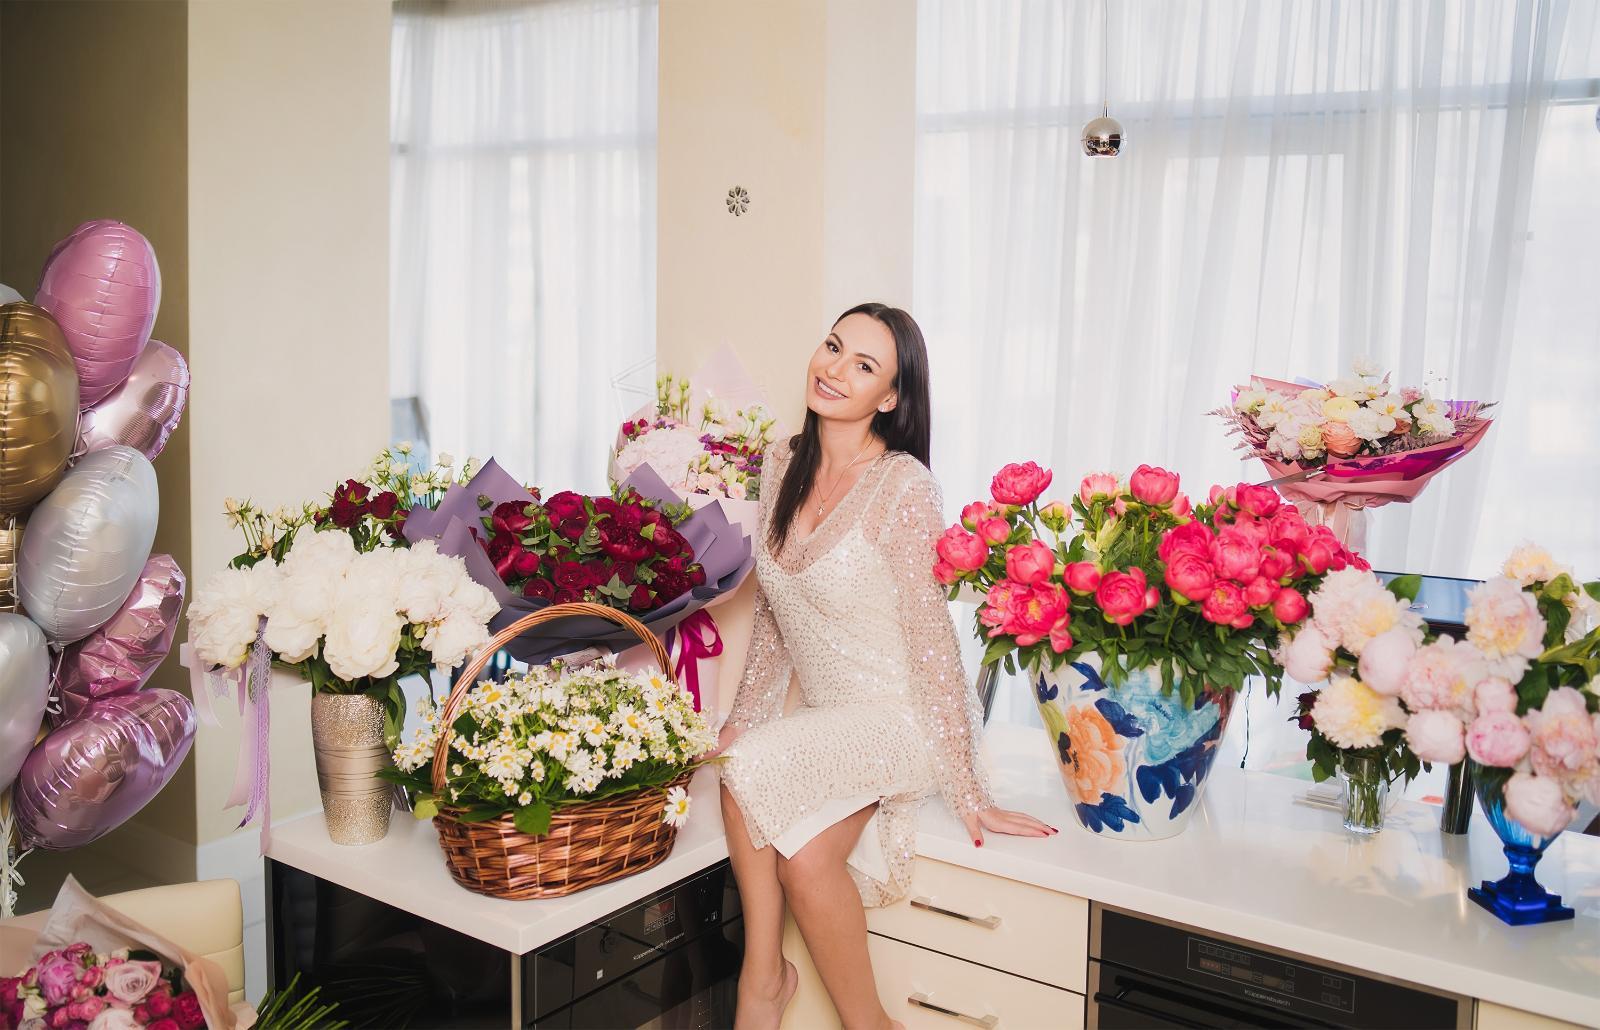 Инна Жиркова отметила день рождения на самоизоляции в кругу семьи